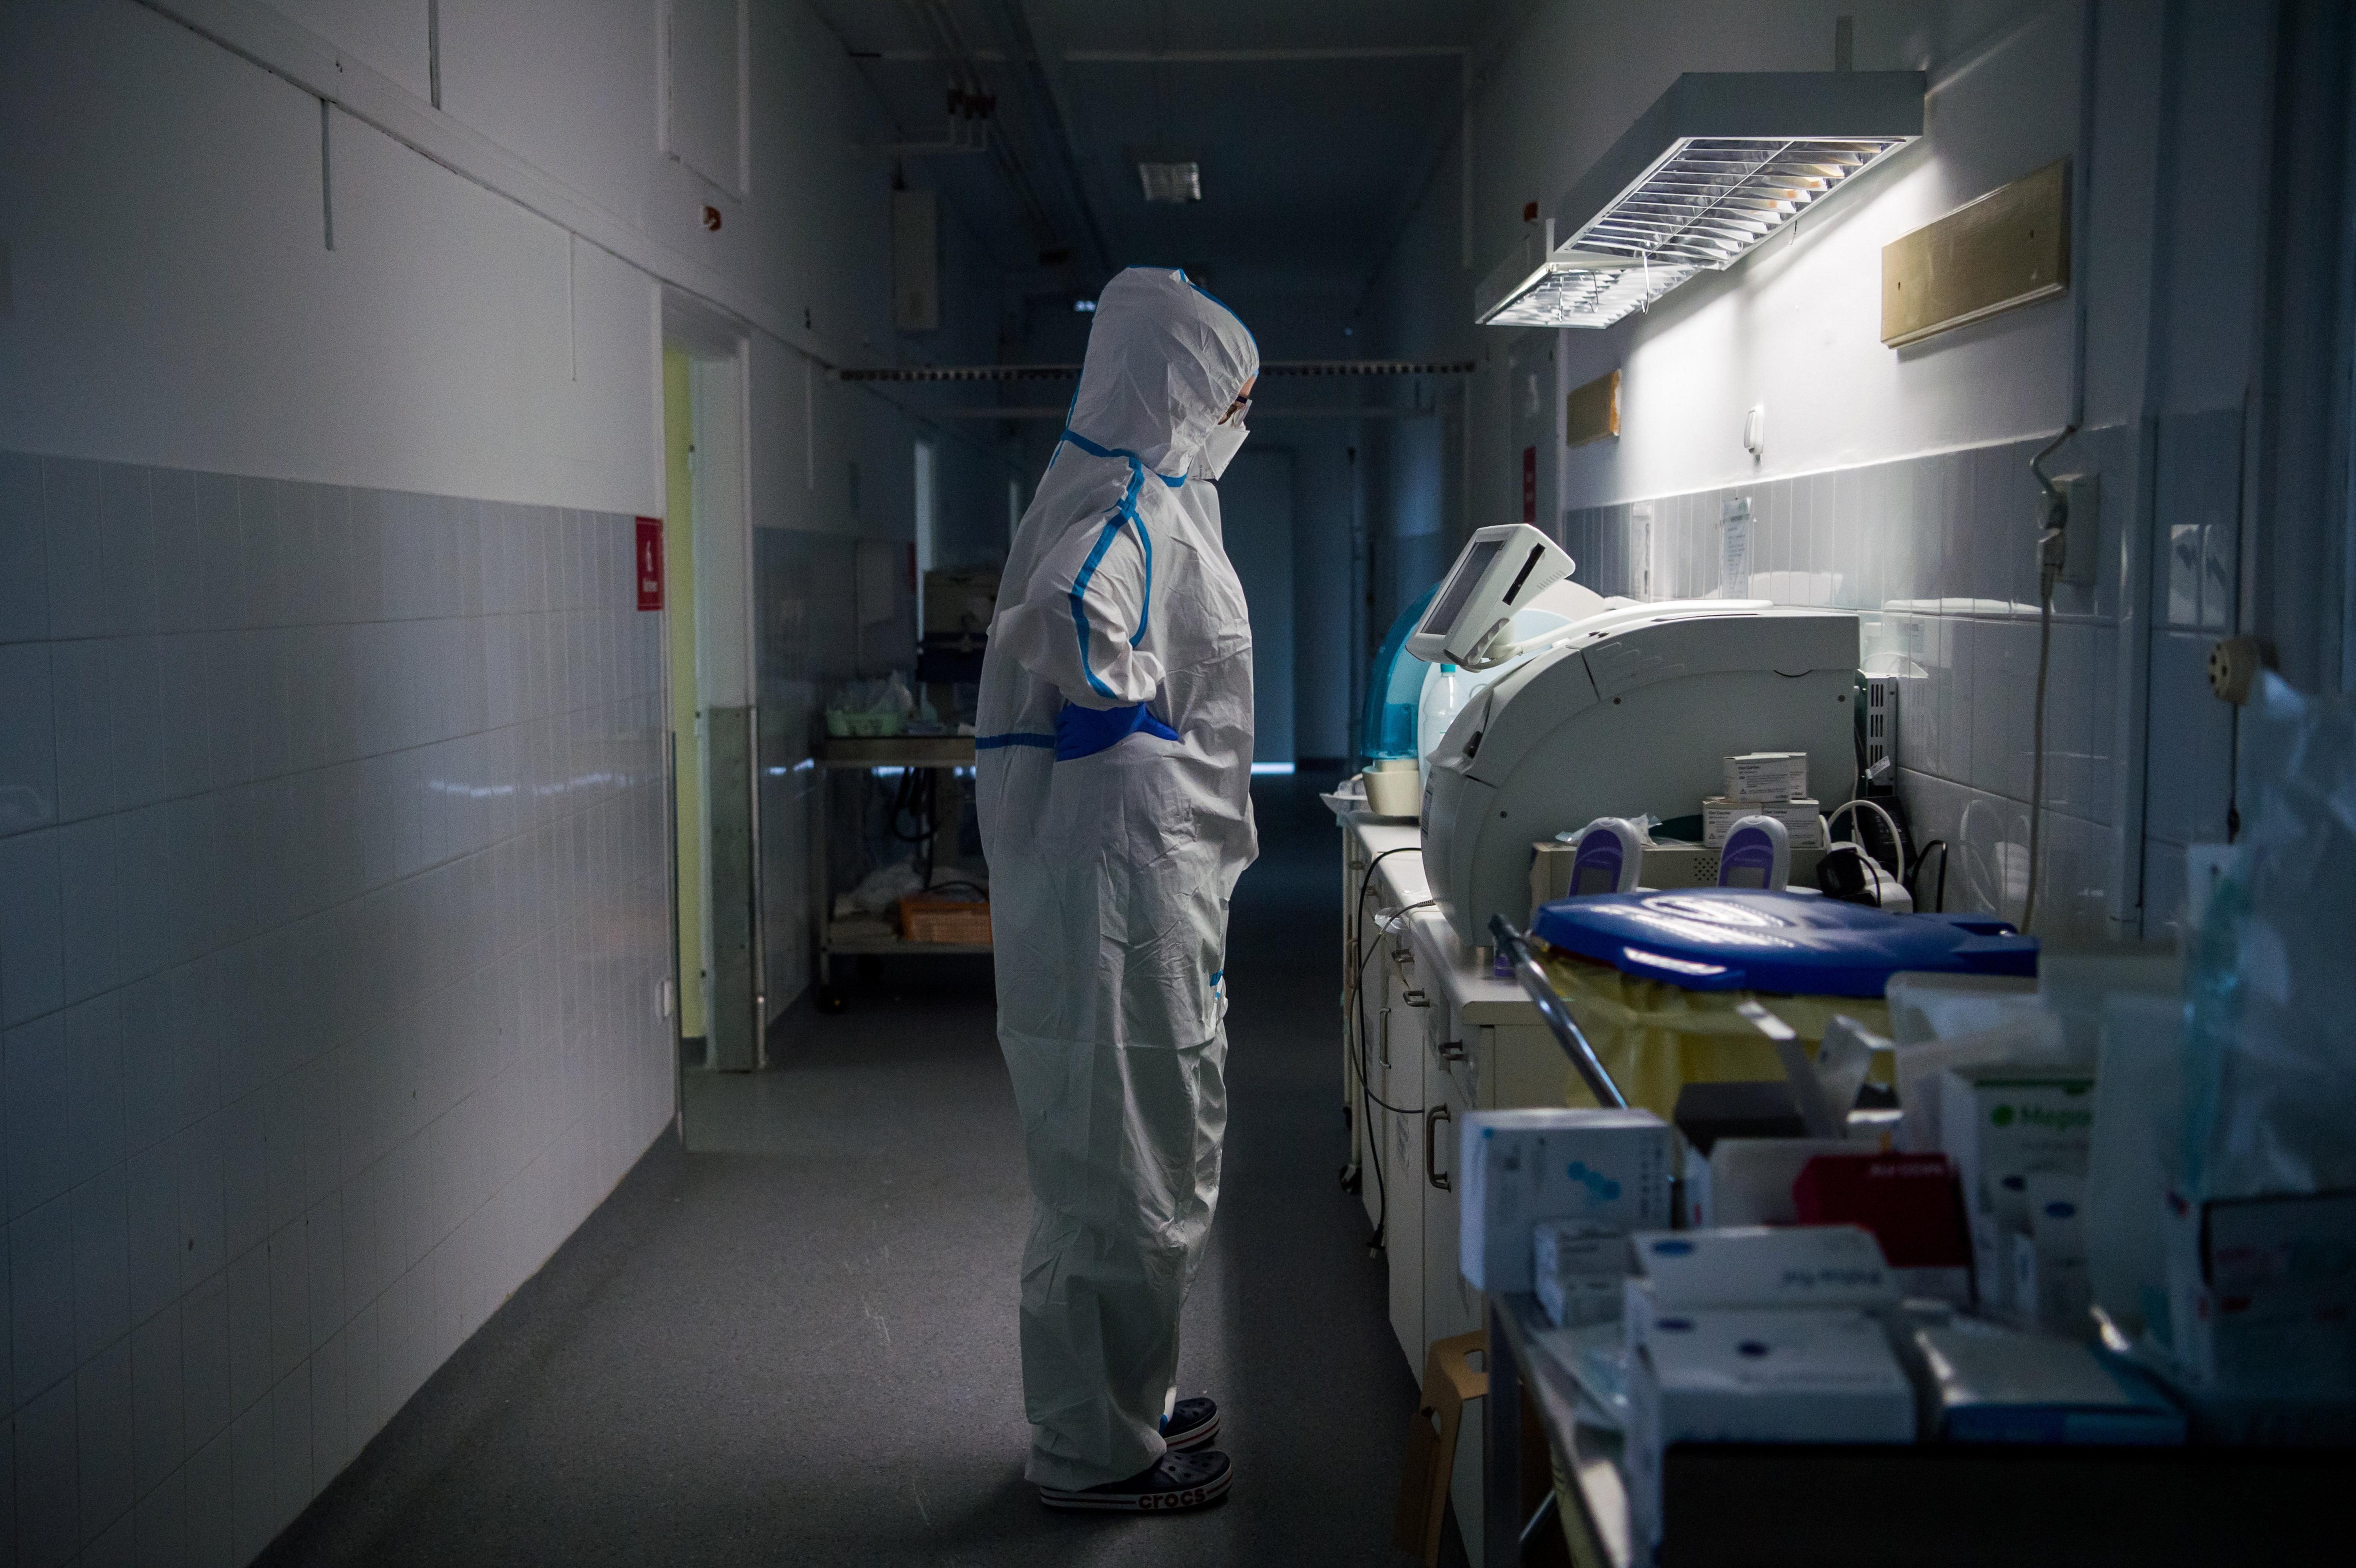 Egyre több orvos nyilatkozza, hogy már választaniuk kell a betegek között, de az operatív törzs szerint az egész kamu